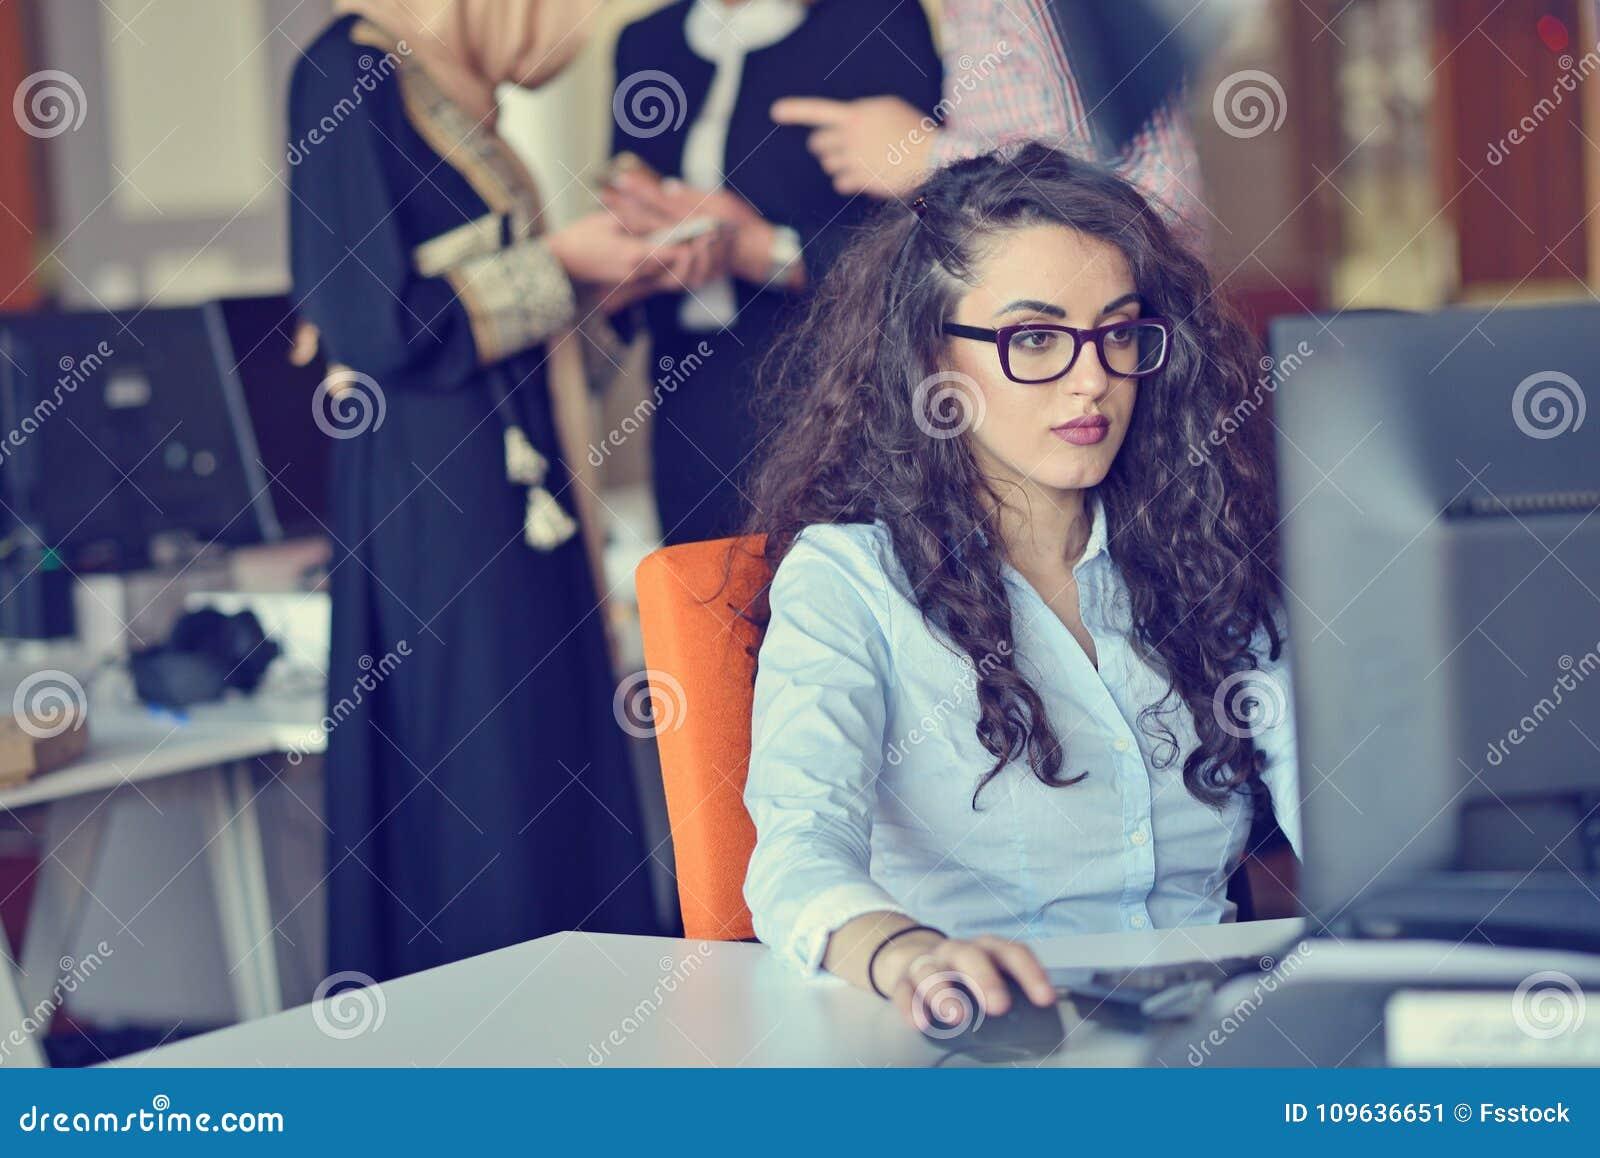 Hijab que lleva árabe joven de la mujer de negocios, trabajando en su oficina de lanzamiento Diversidad, concepto multirracial